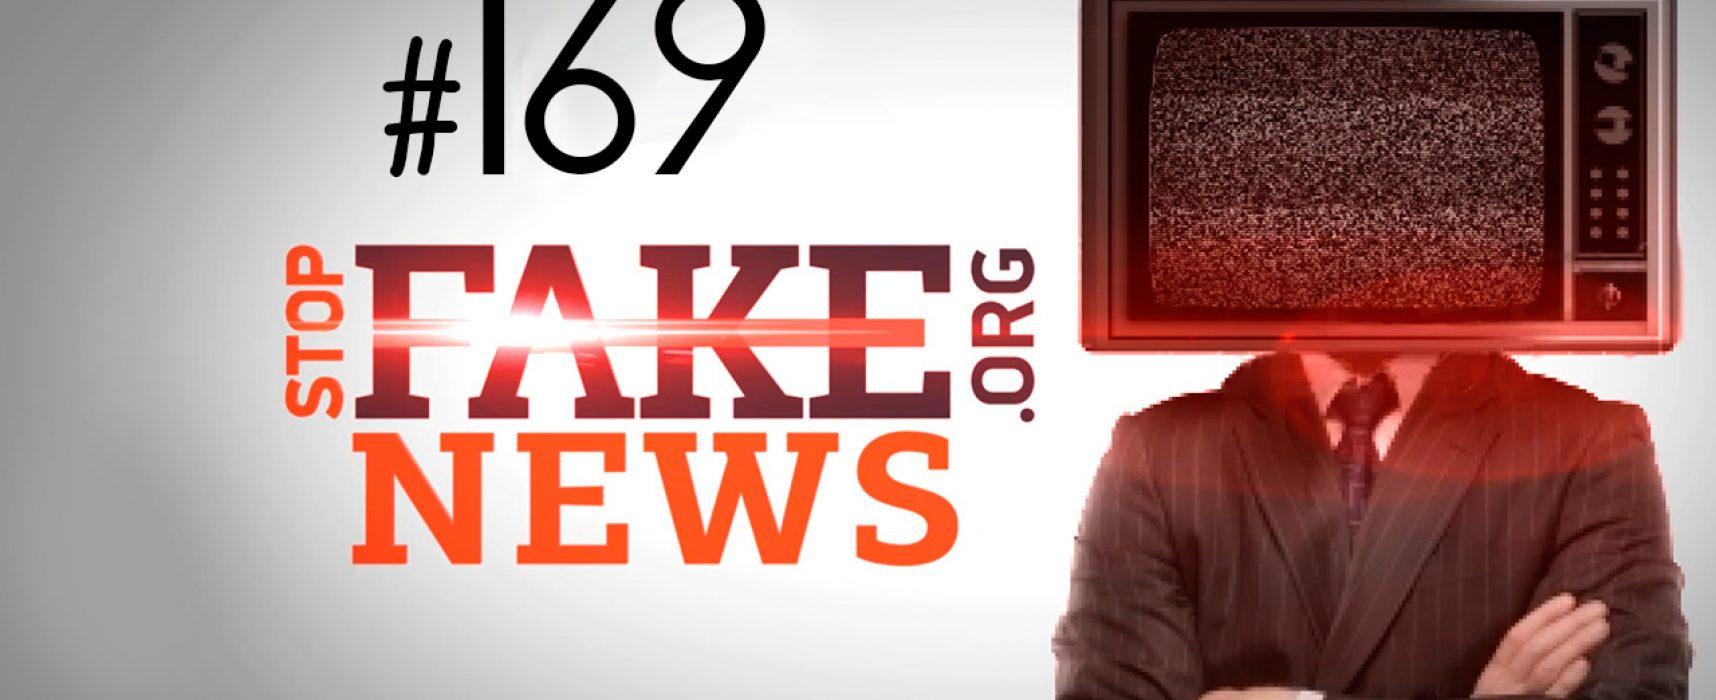 Топ-5 фейков о Крыме — StopFakeNews #169